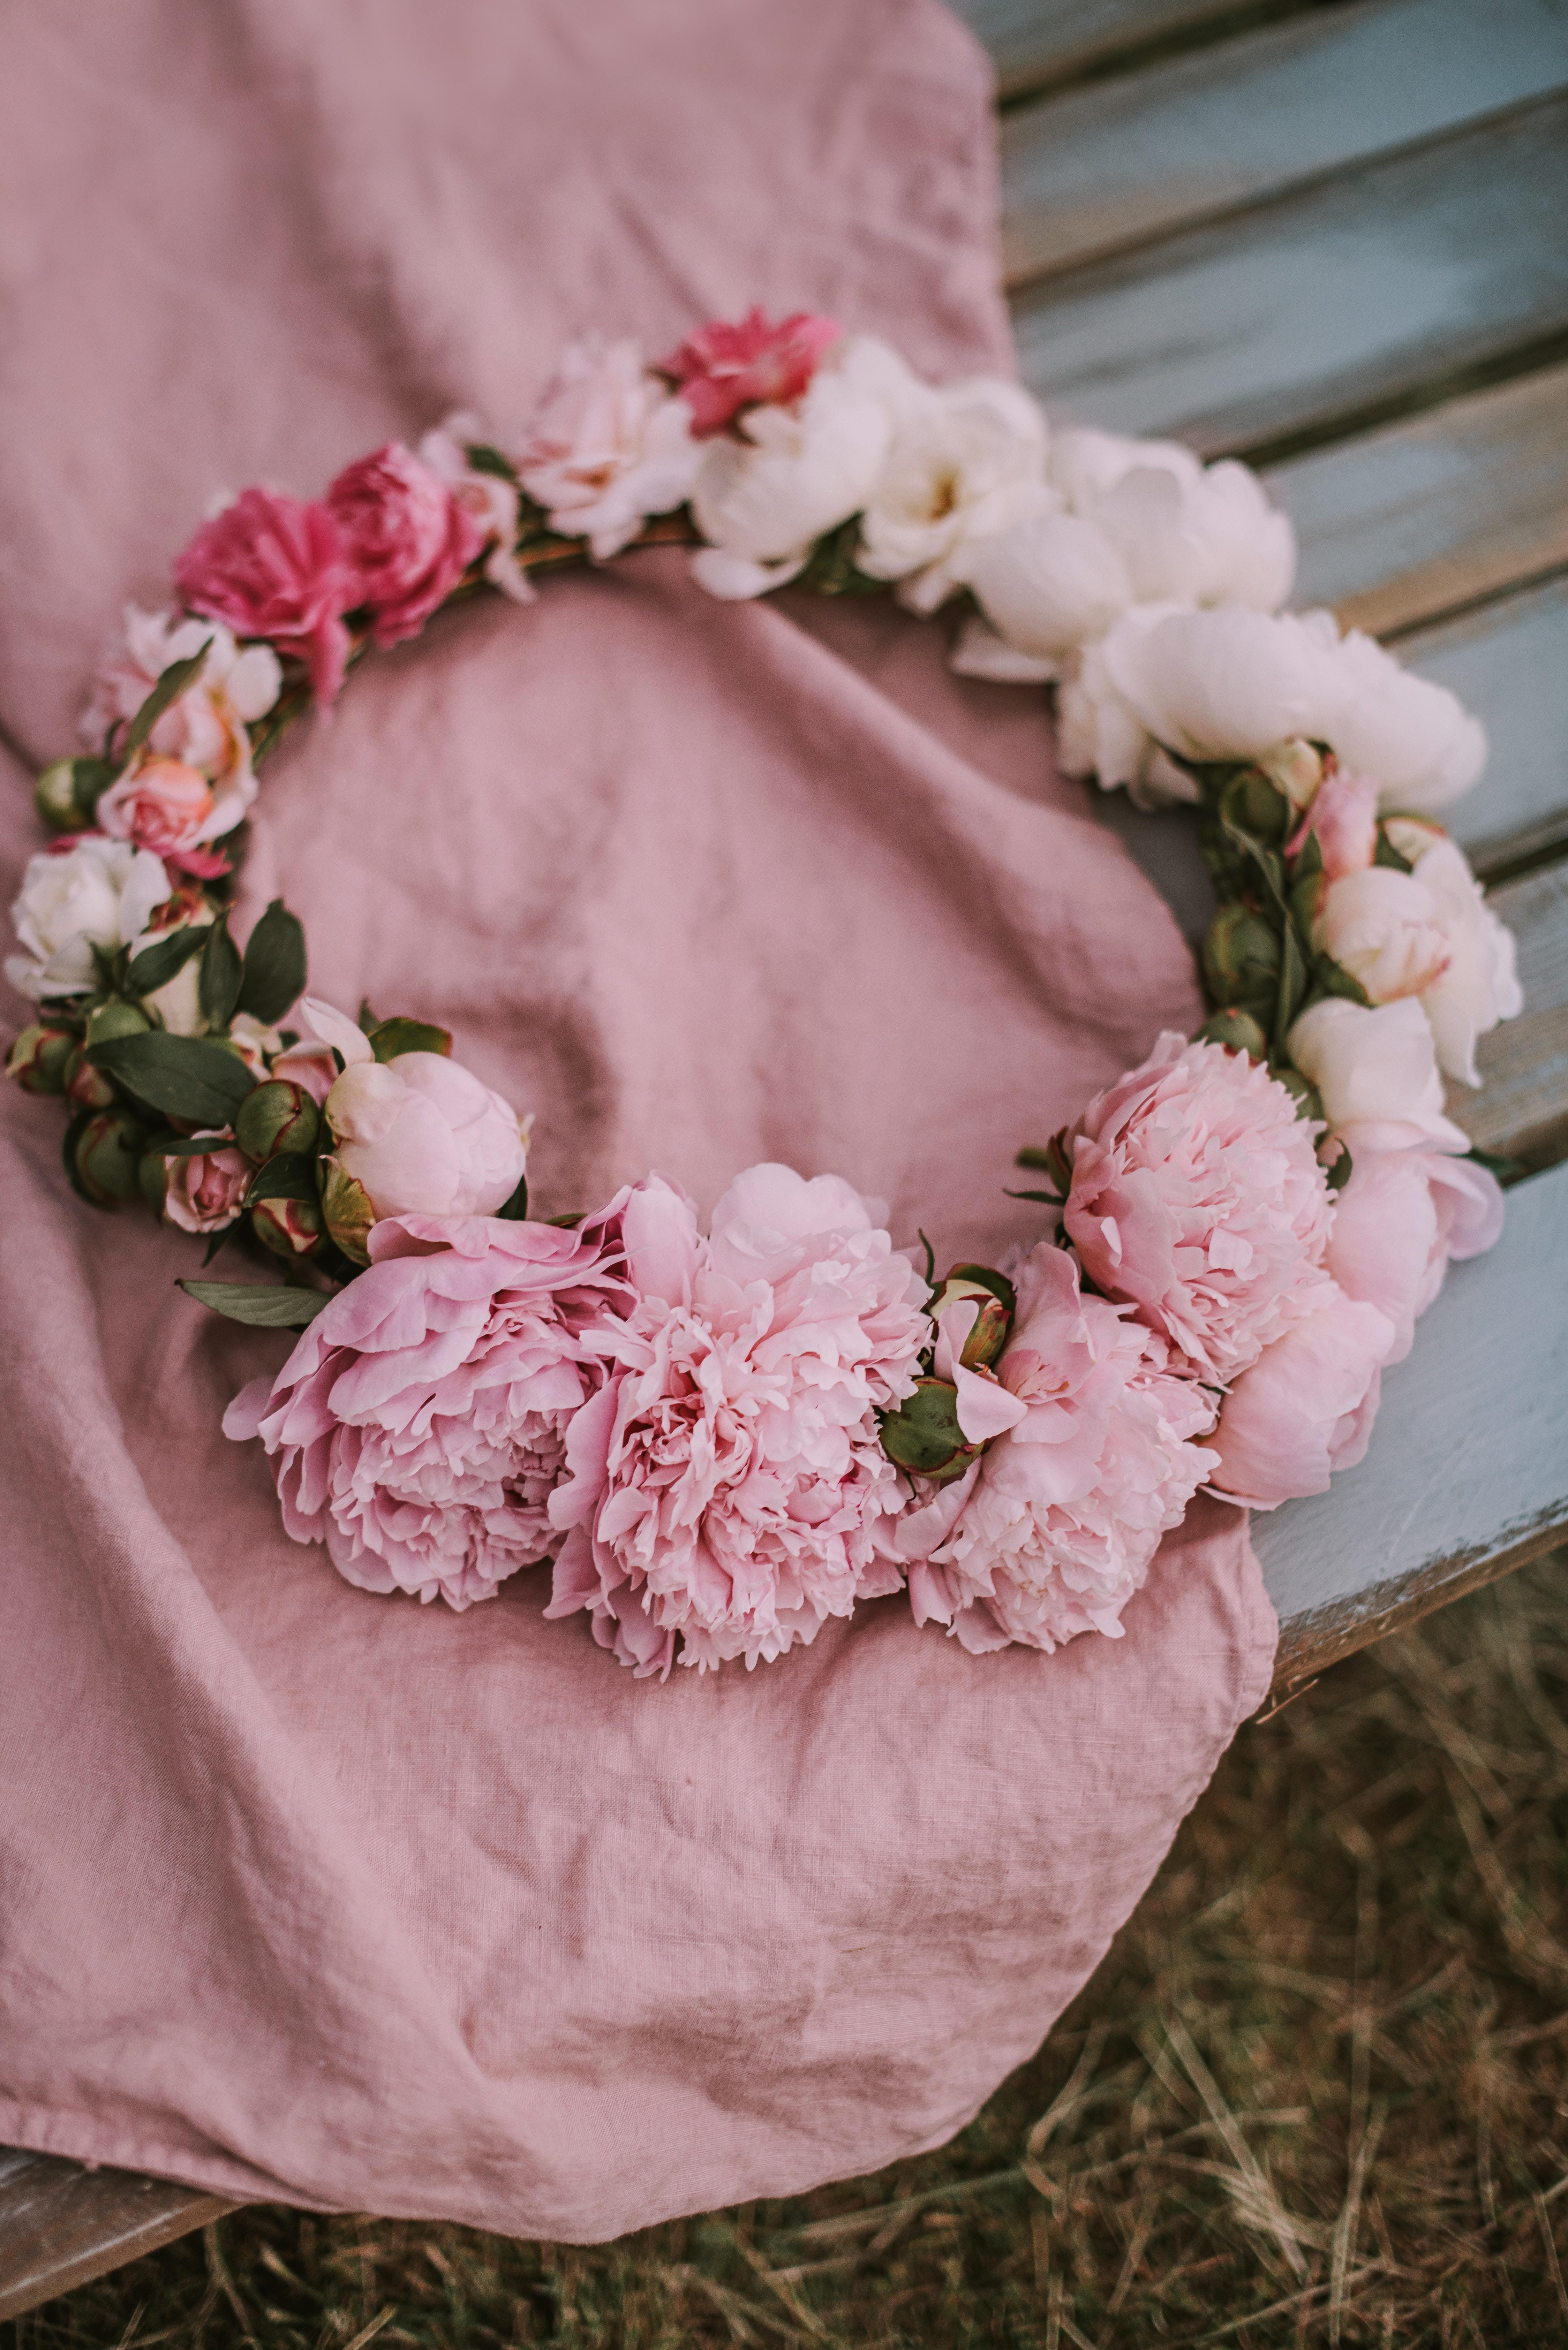 121074 скачать обои Пионы, Цветы, Розовый, Венок - заставки и картинки бесплатно